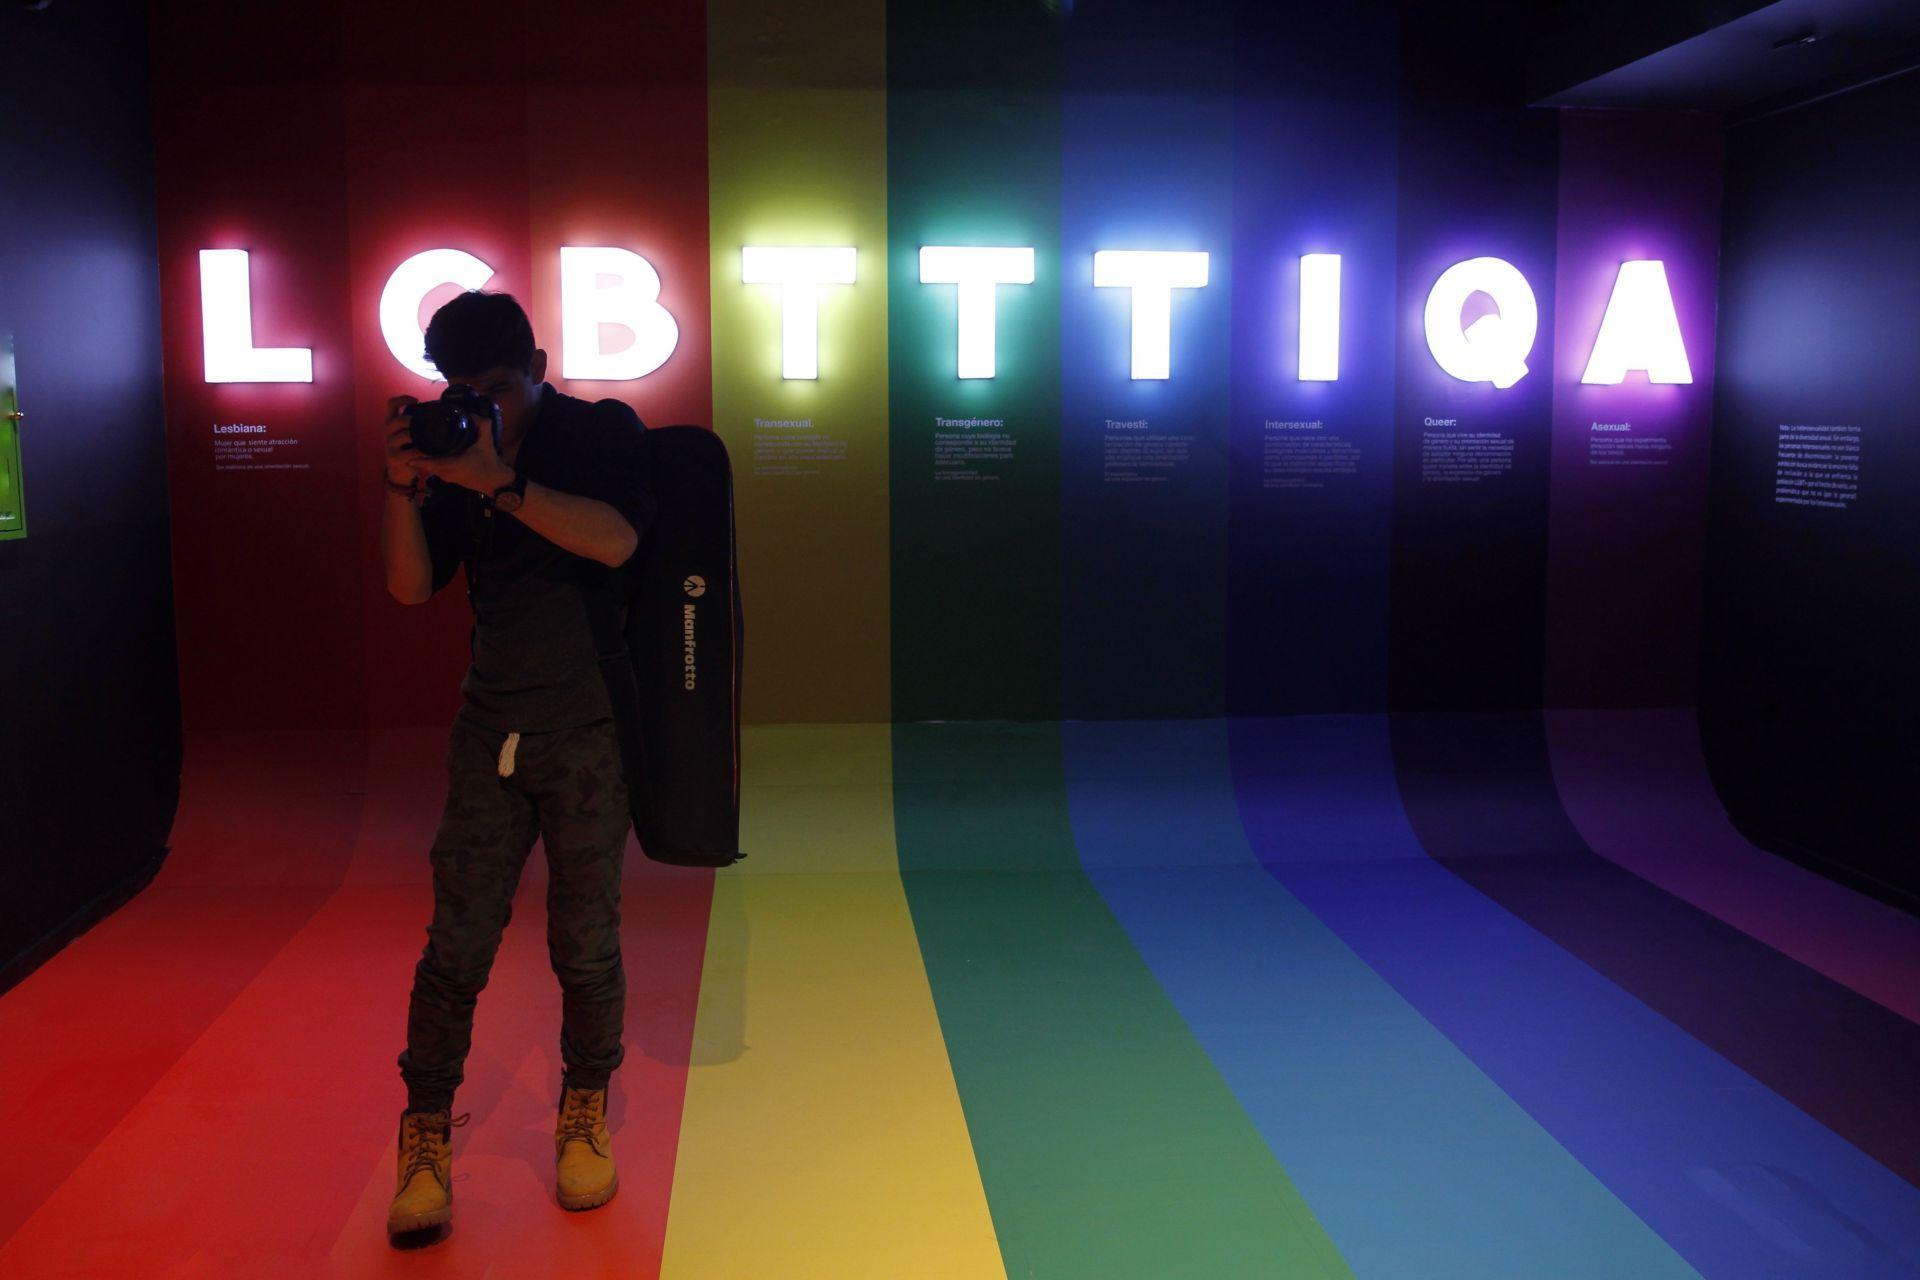 Exposición%22LGBTTTIQAIdentidad,amorysexualidad%22enMéxico